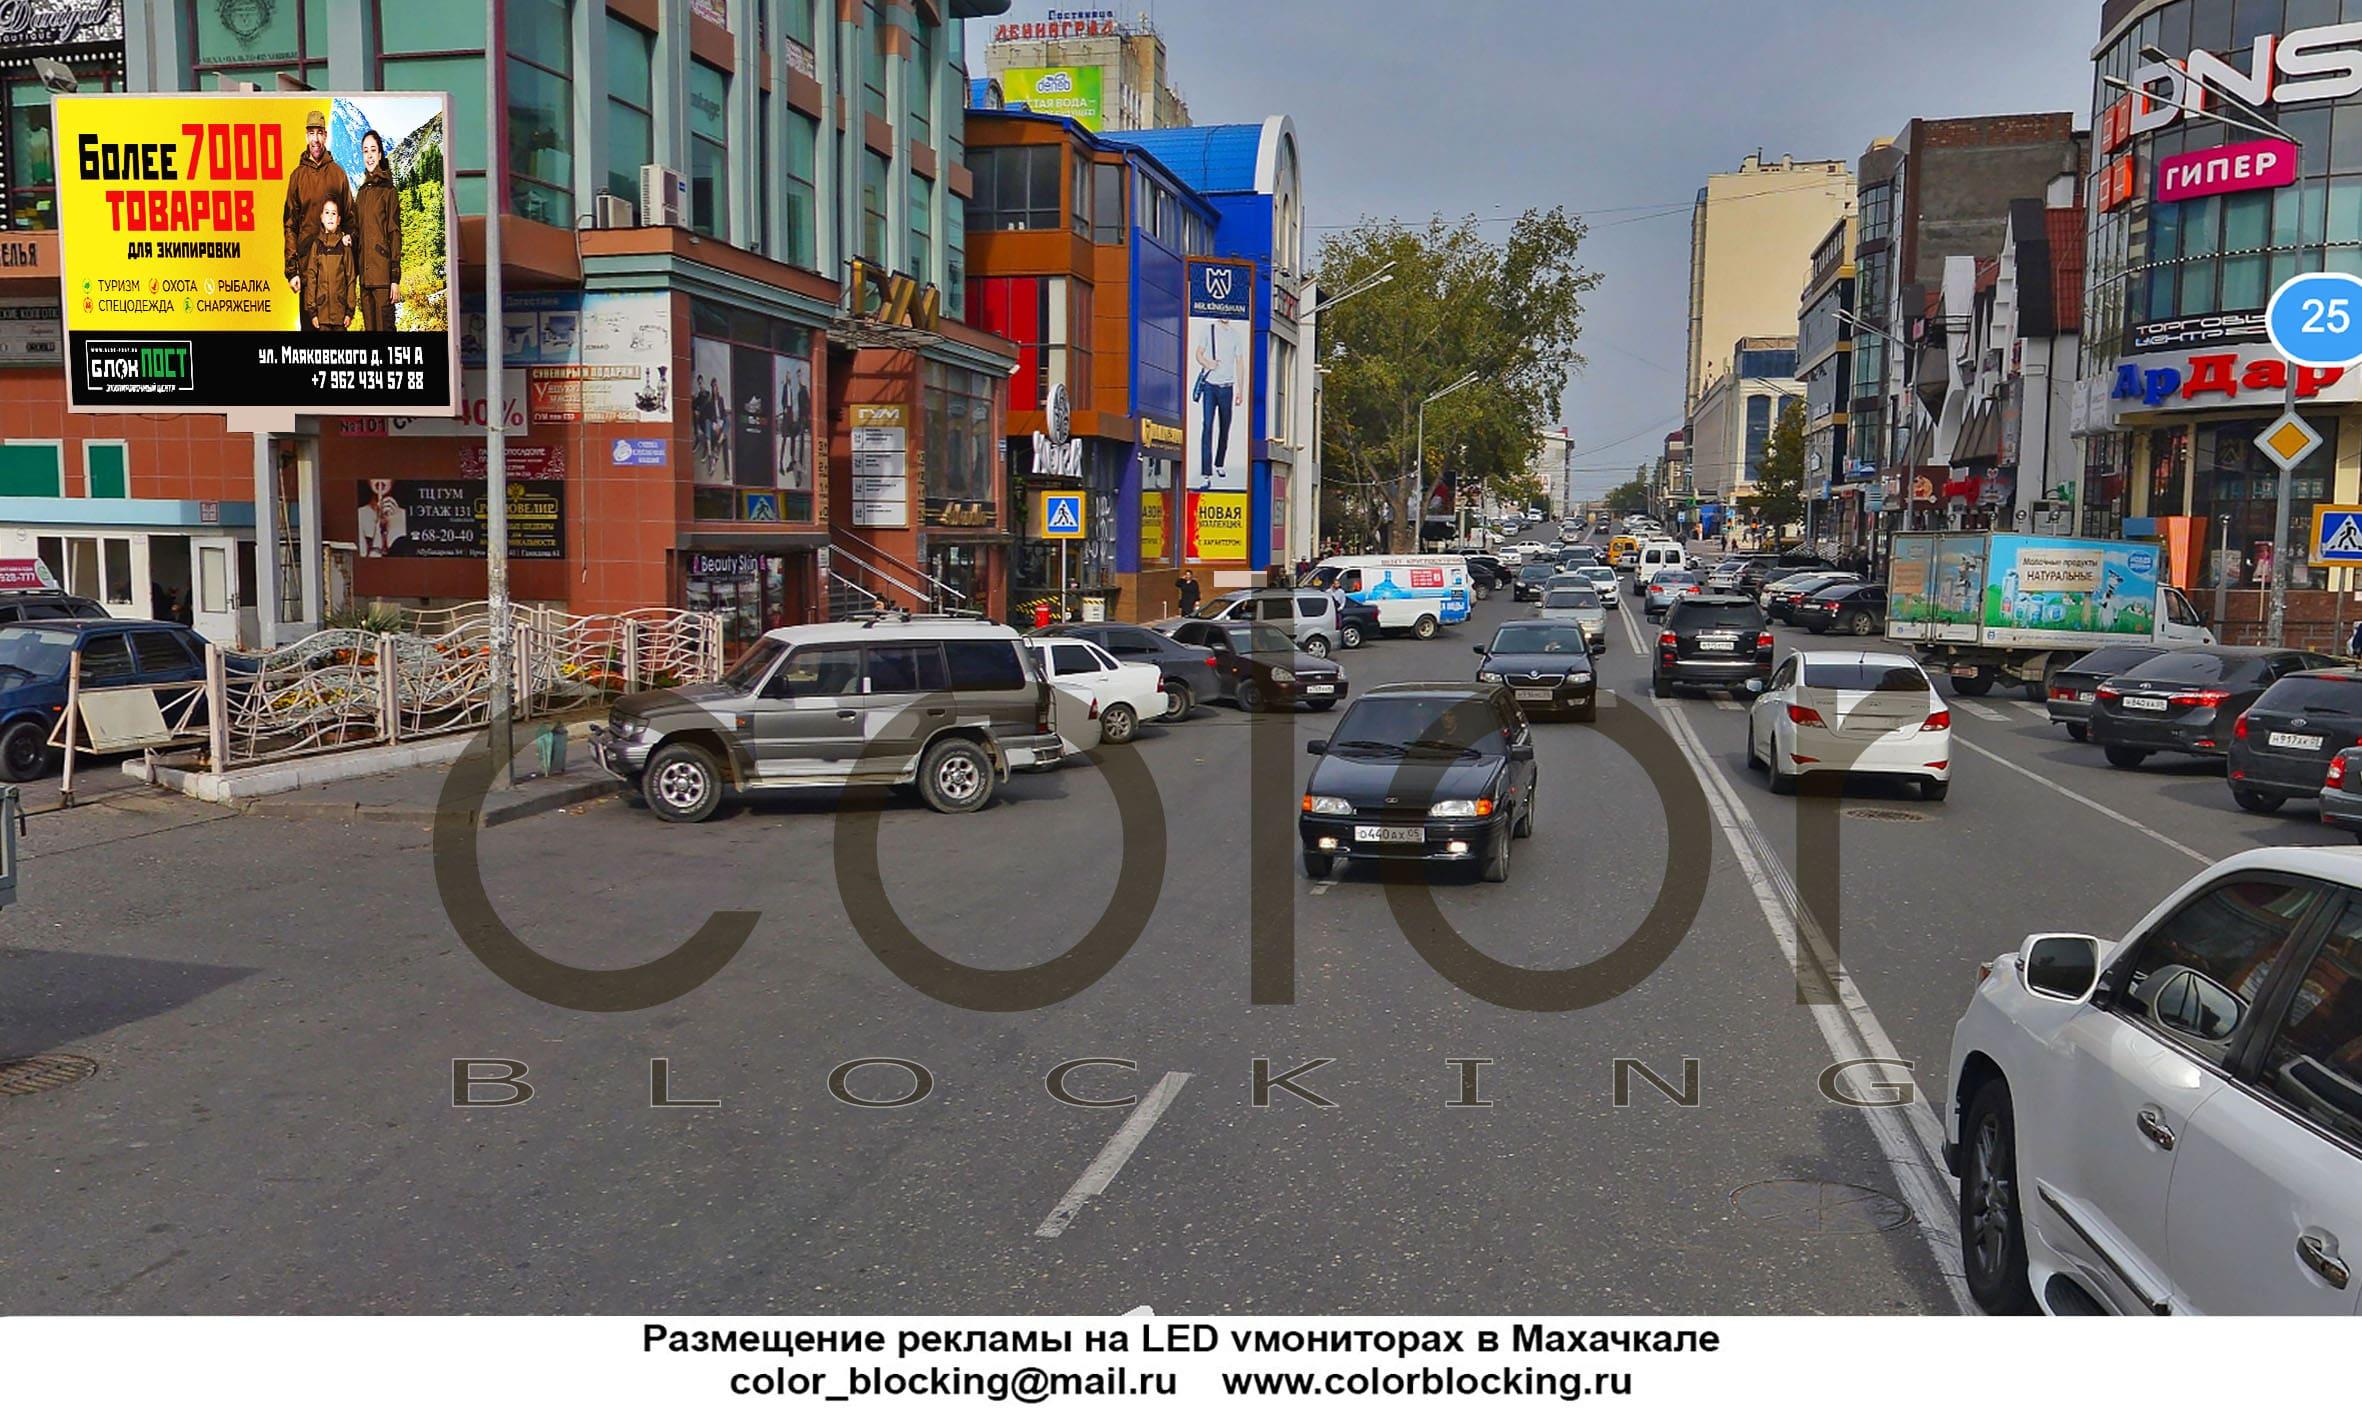 Размещение рекламы на светодиодных экранах в Махачкале Ярагского